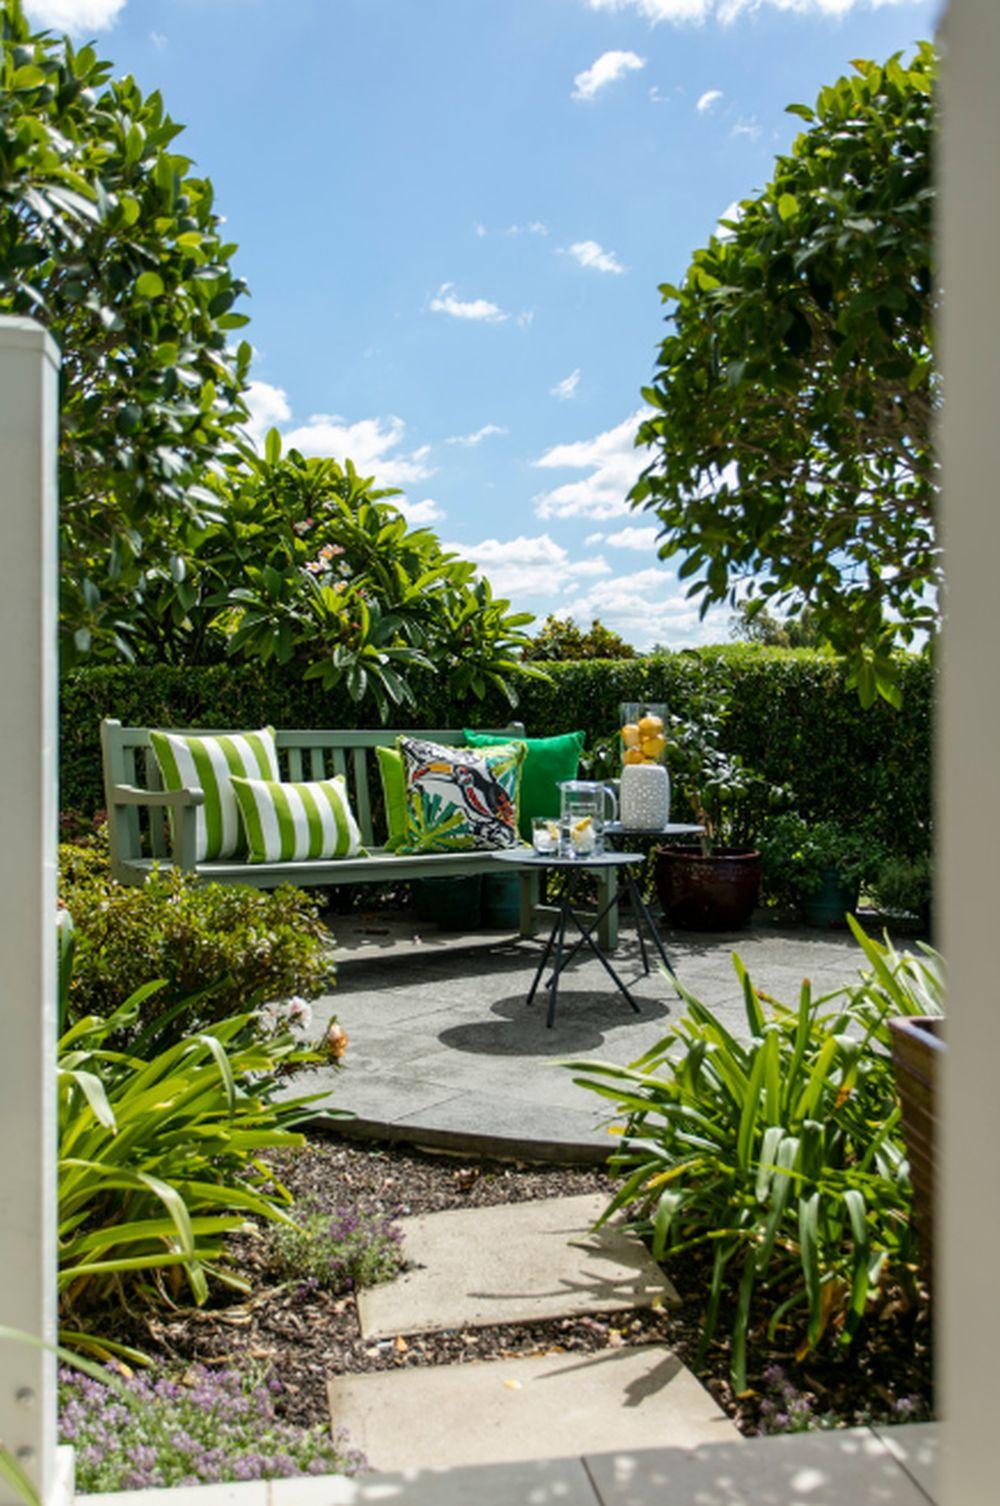 adelaparvu.com apartament redecorat in stil marin, designer Adam Scougall, Foto Yie Sandison (7)